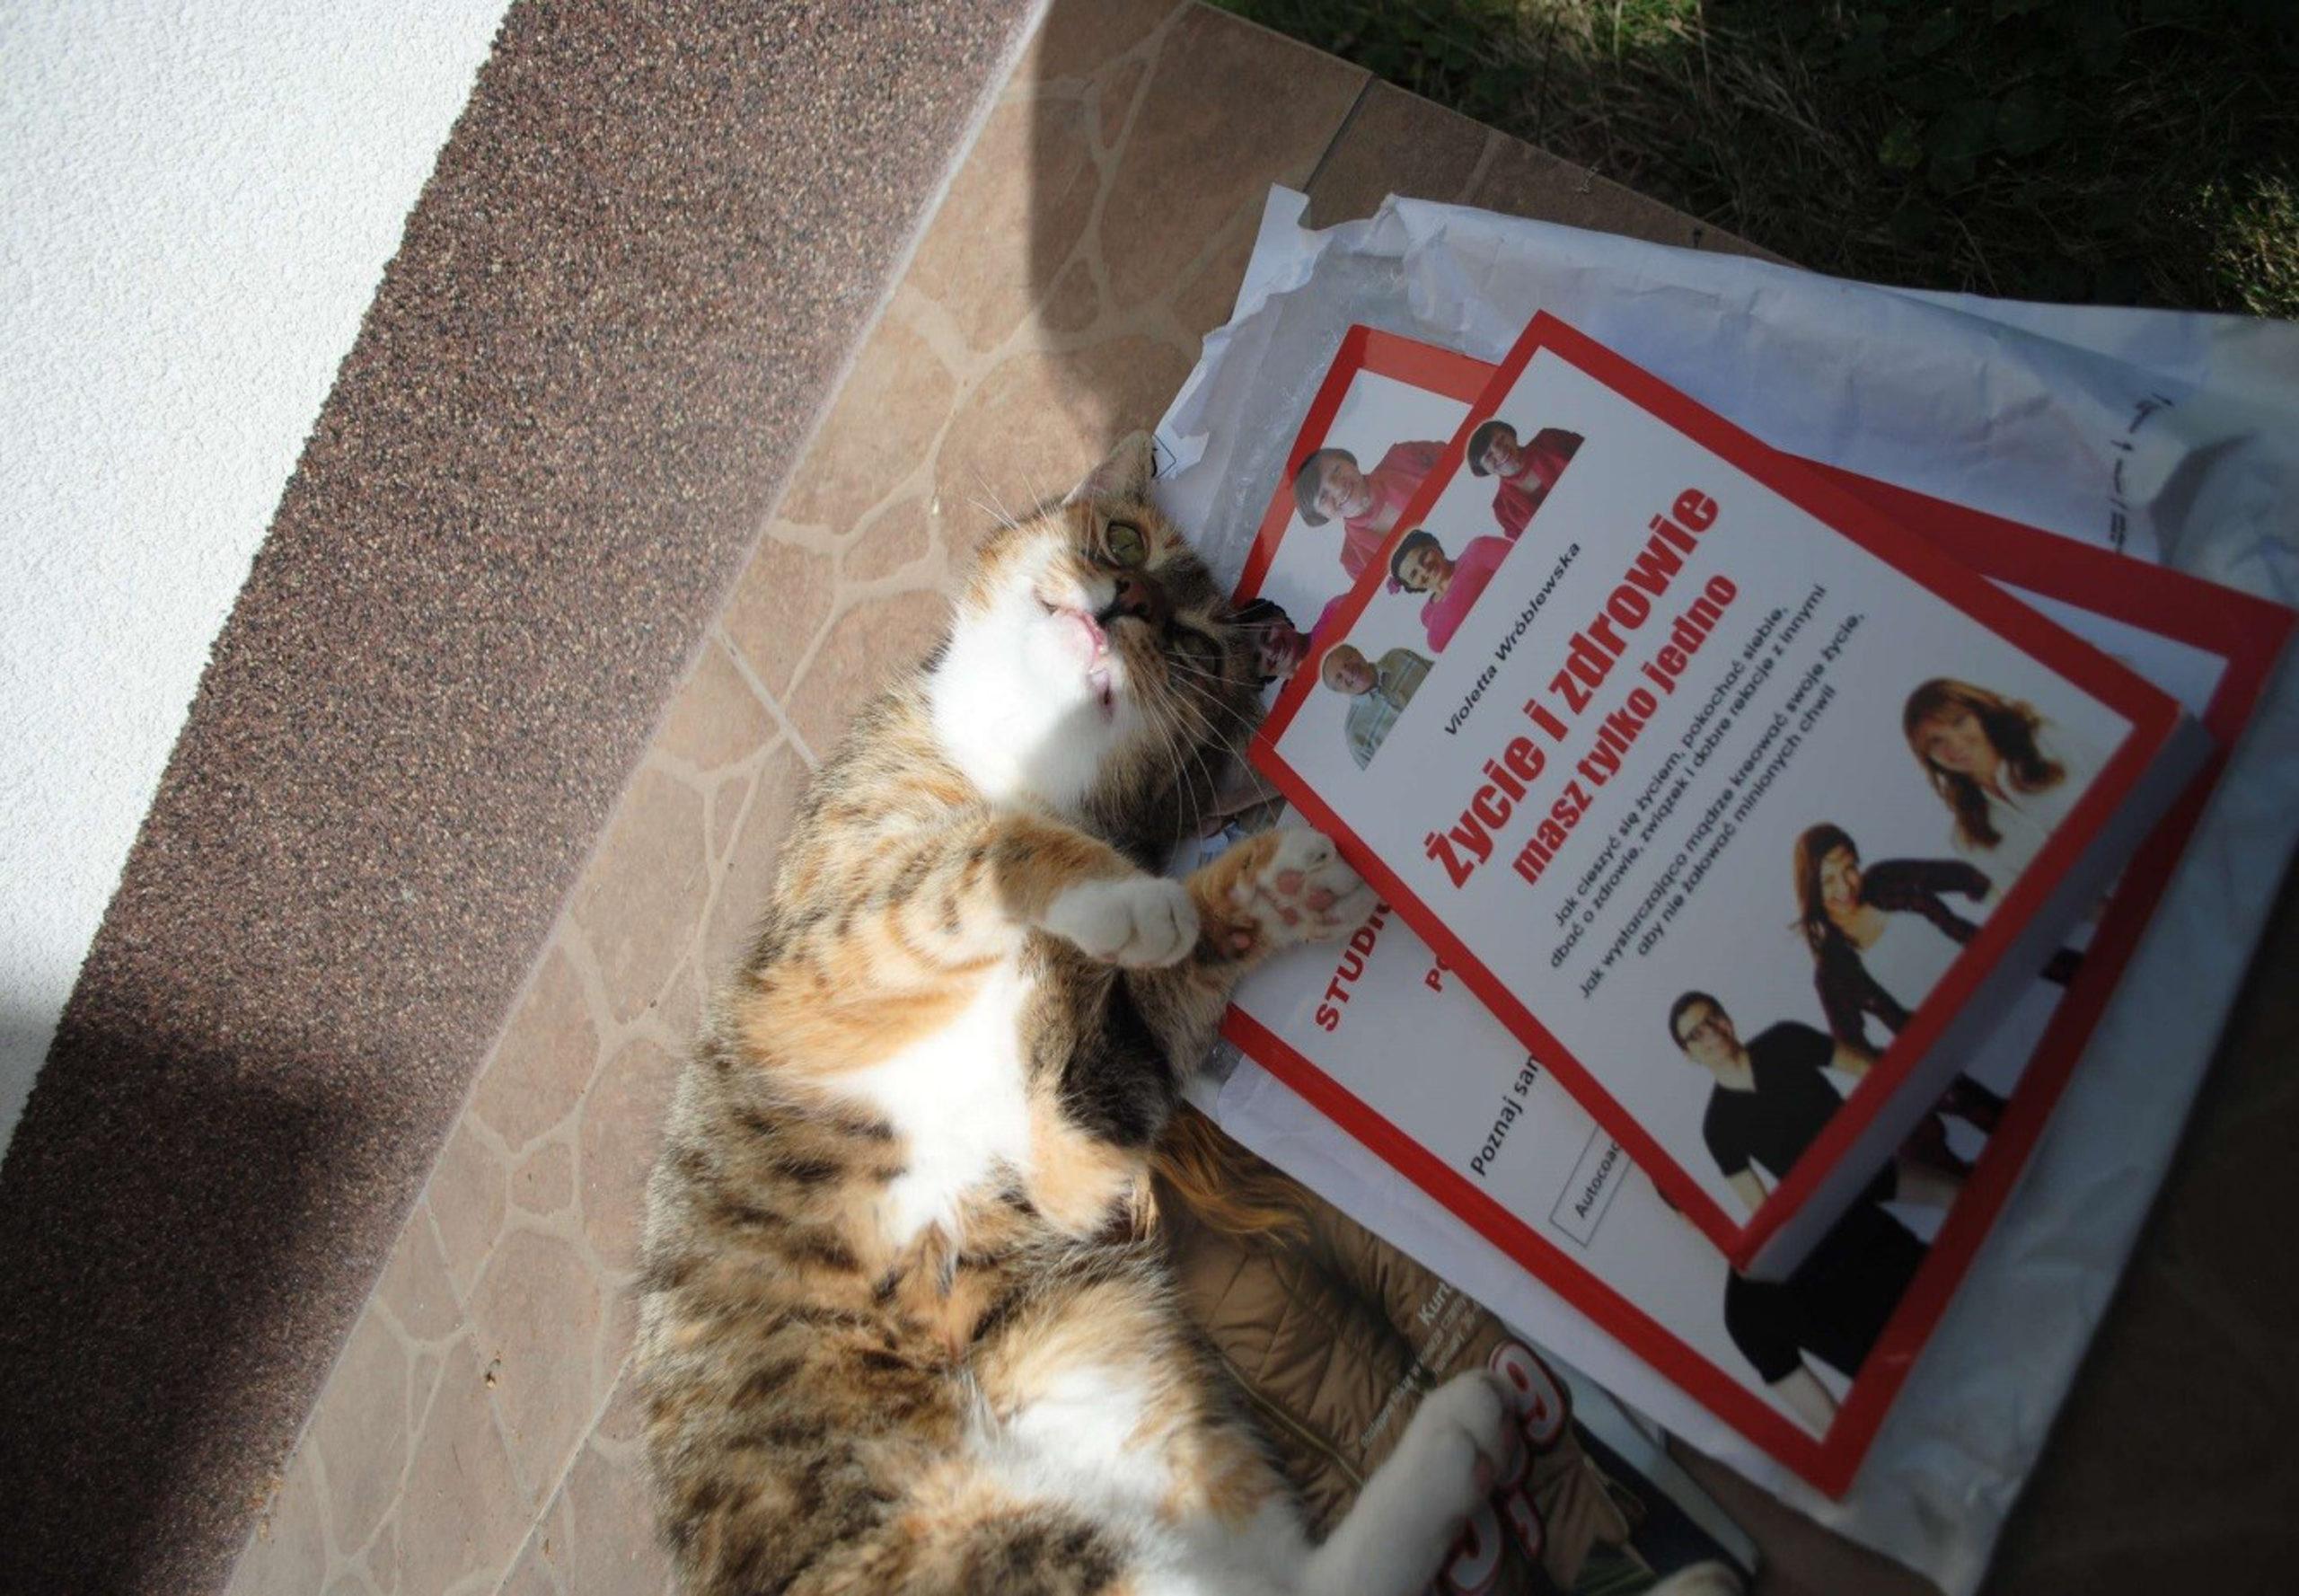 kotek przy książkach